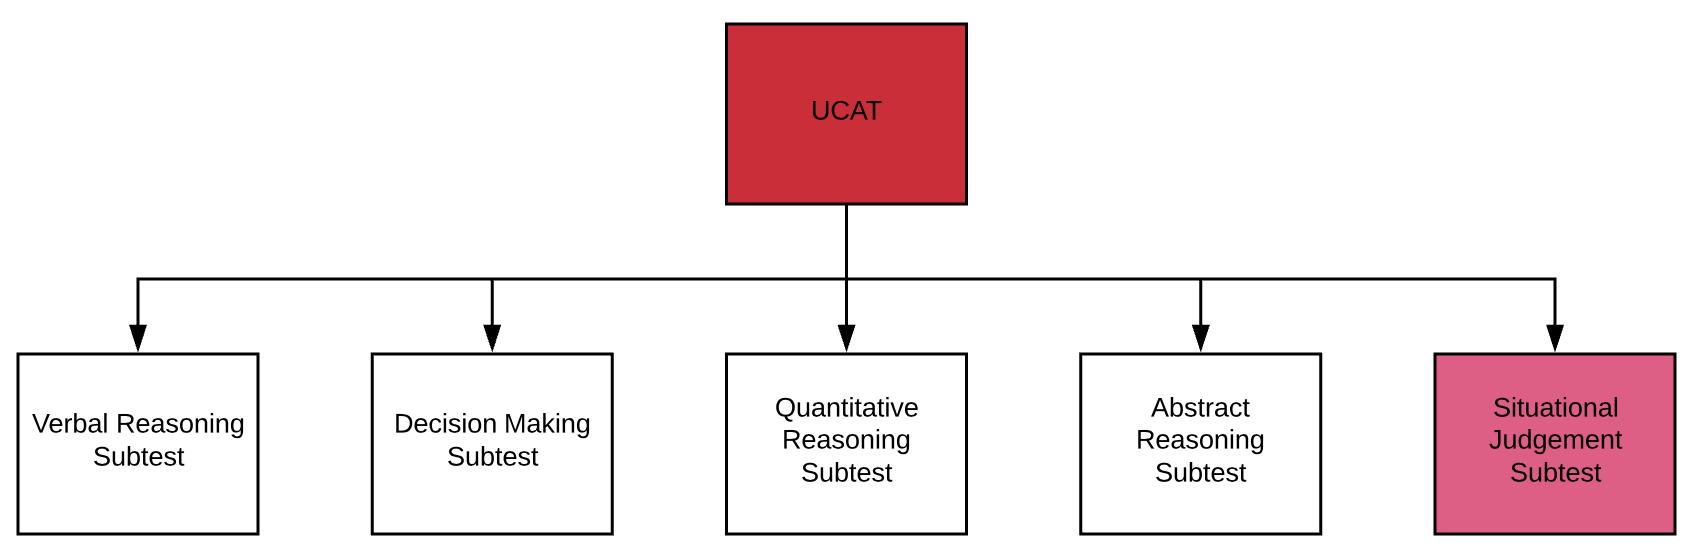 UCAT situational judgement Guide Part 5 Subtest Flowchart